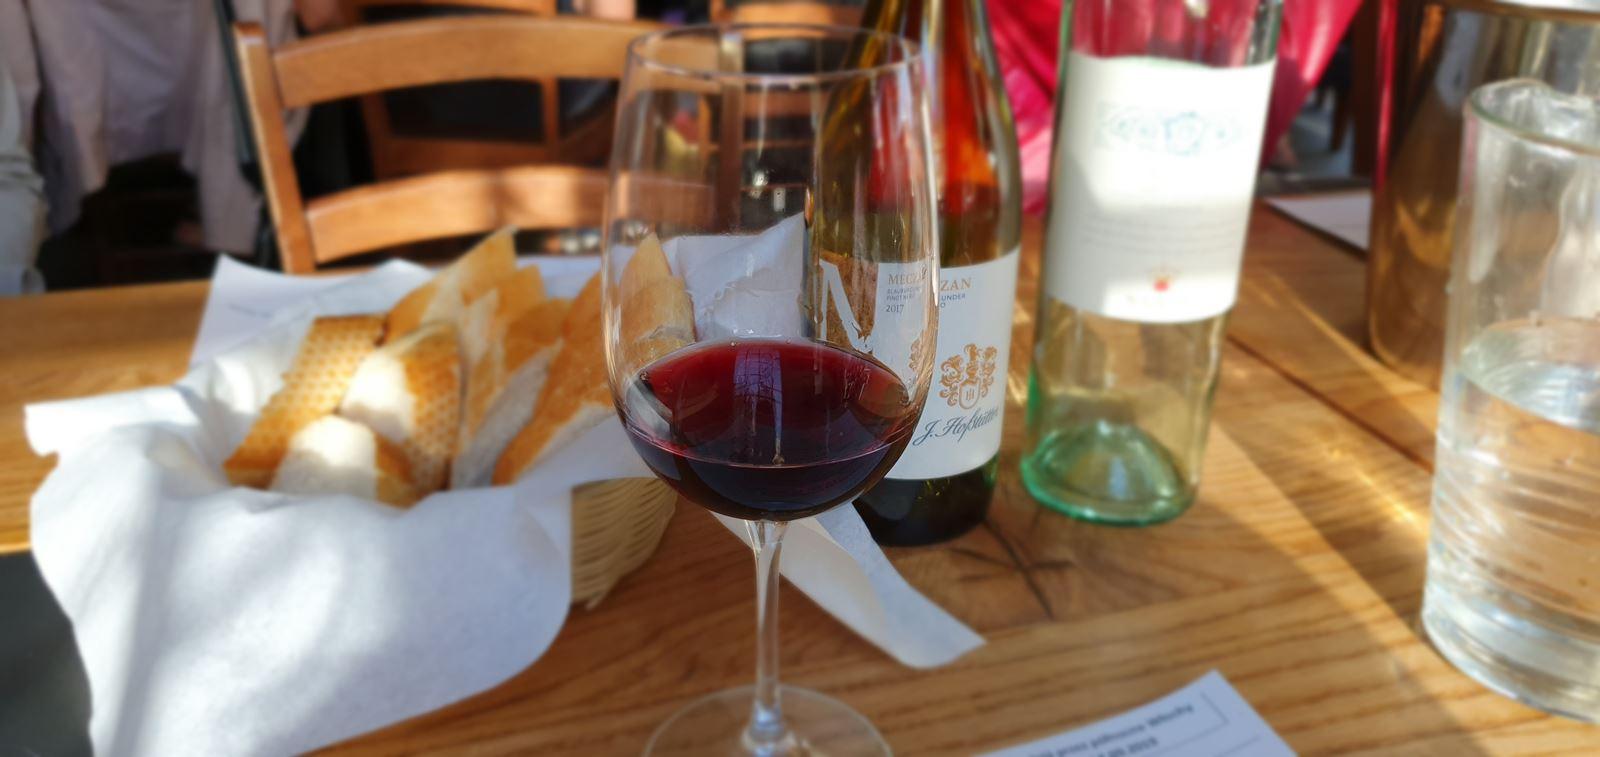 1 klub wino jak wygląda degustacja wina prezent marzeń dla winiarza chłopaka taty teścia na święta urodziny imieniny opinie cena jakość łódź degustacje win dla dwojga nietypowy pomysł na randkę